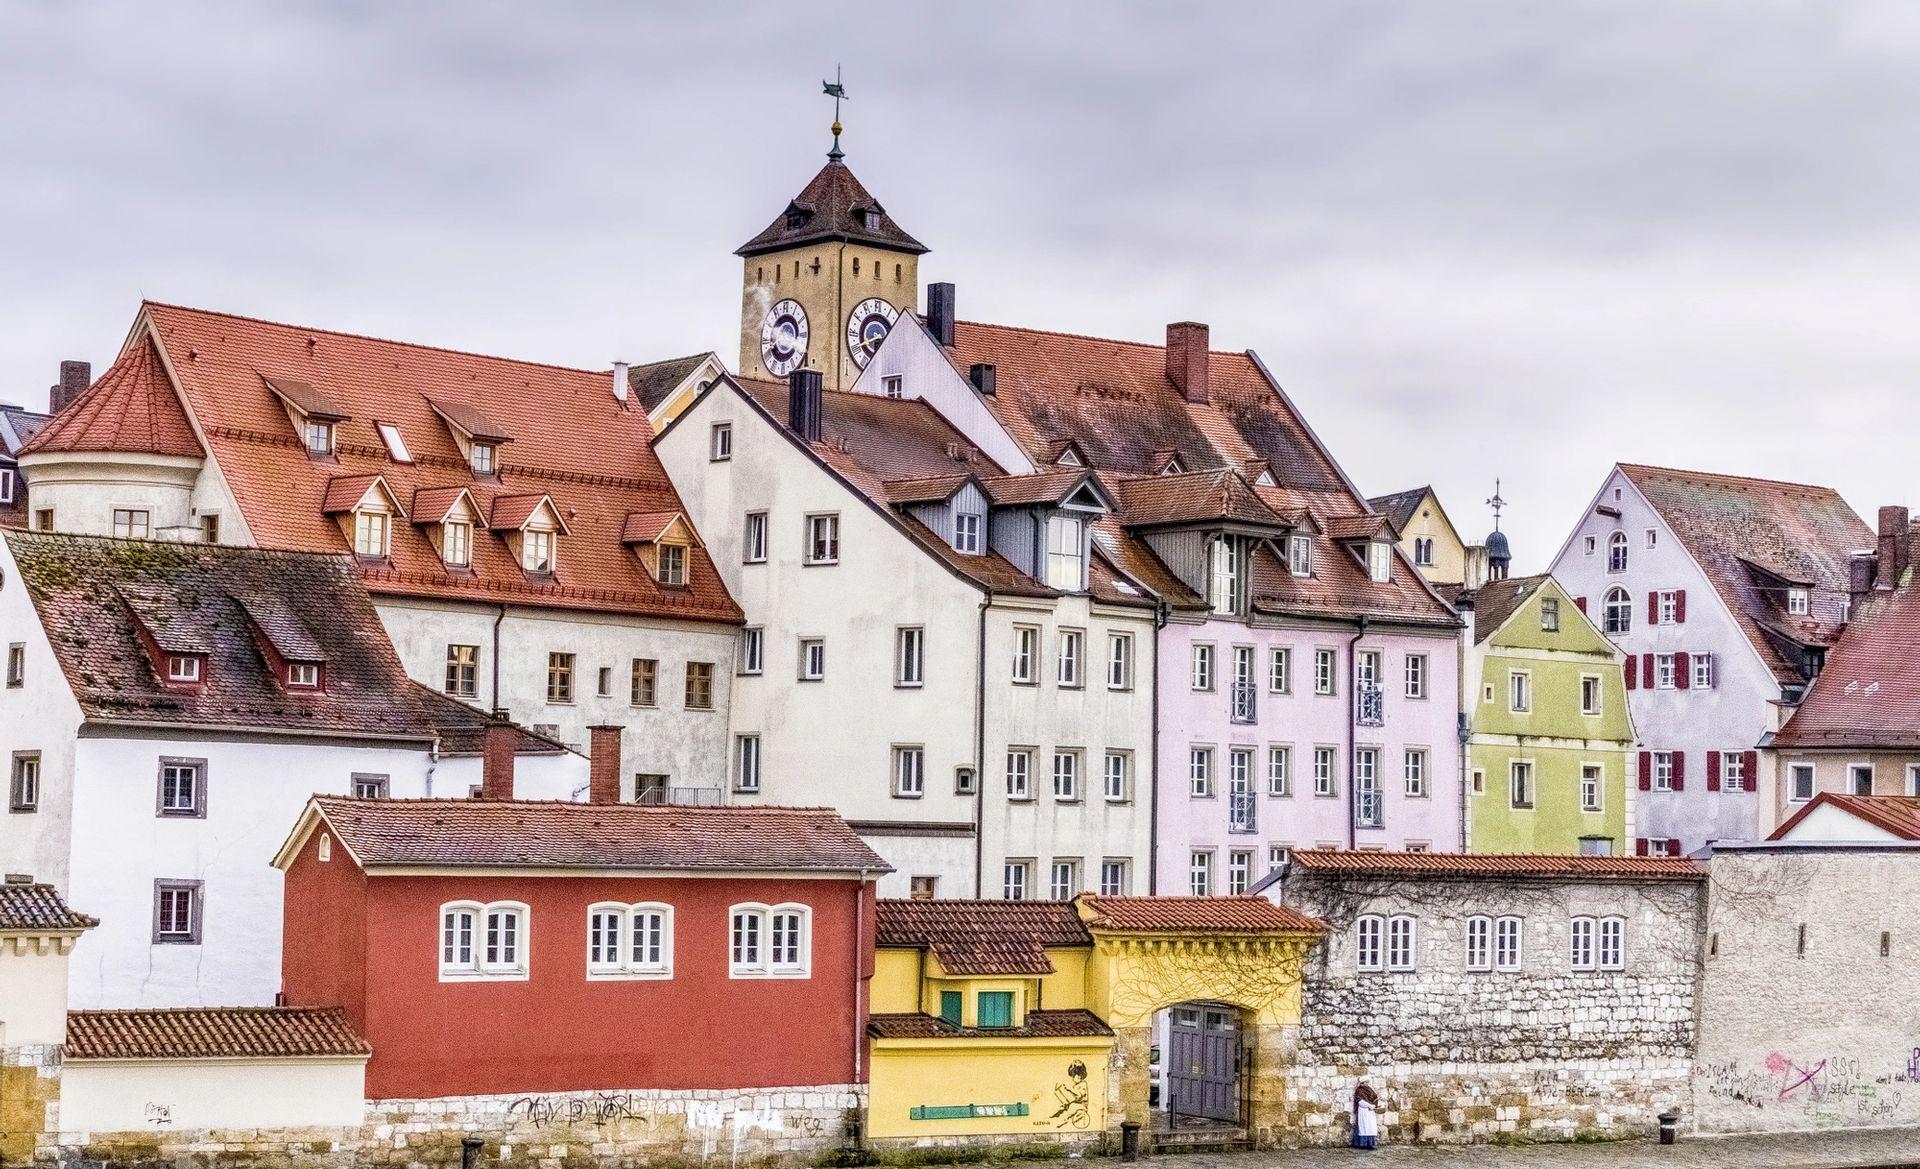 Anticimex Kammerjäger in Regensburg